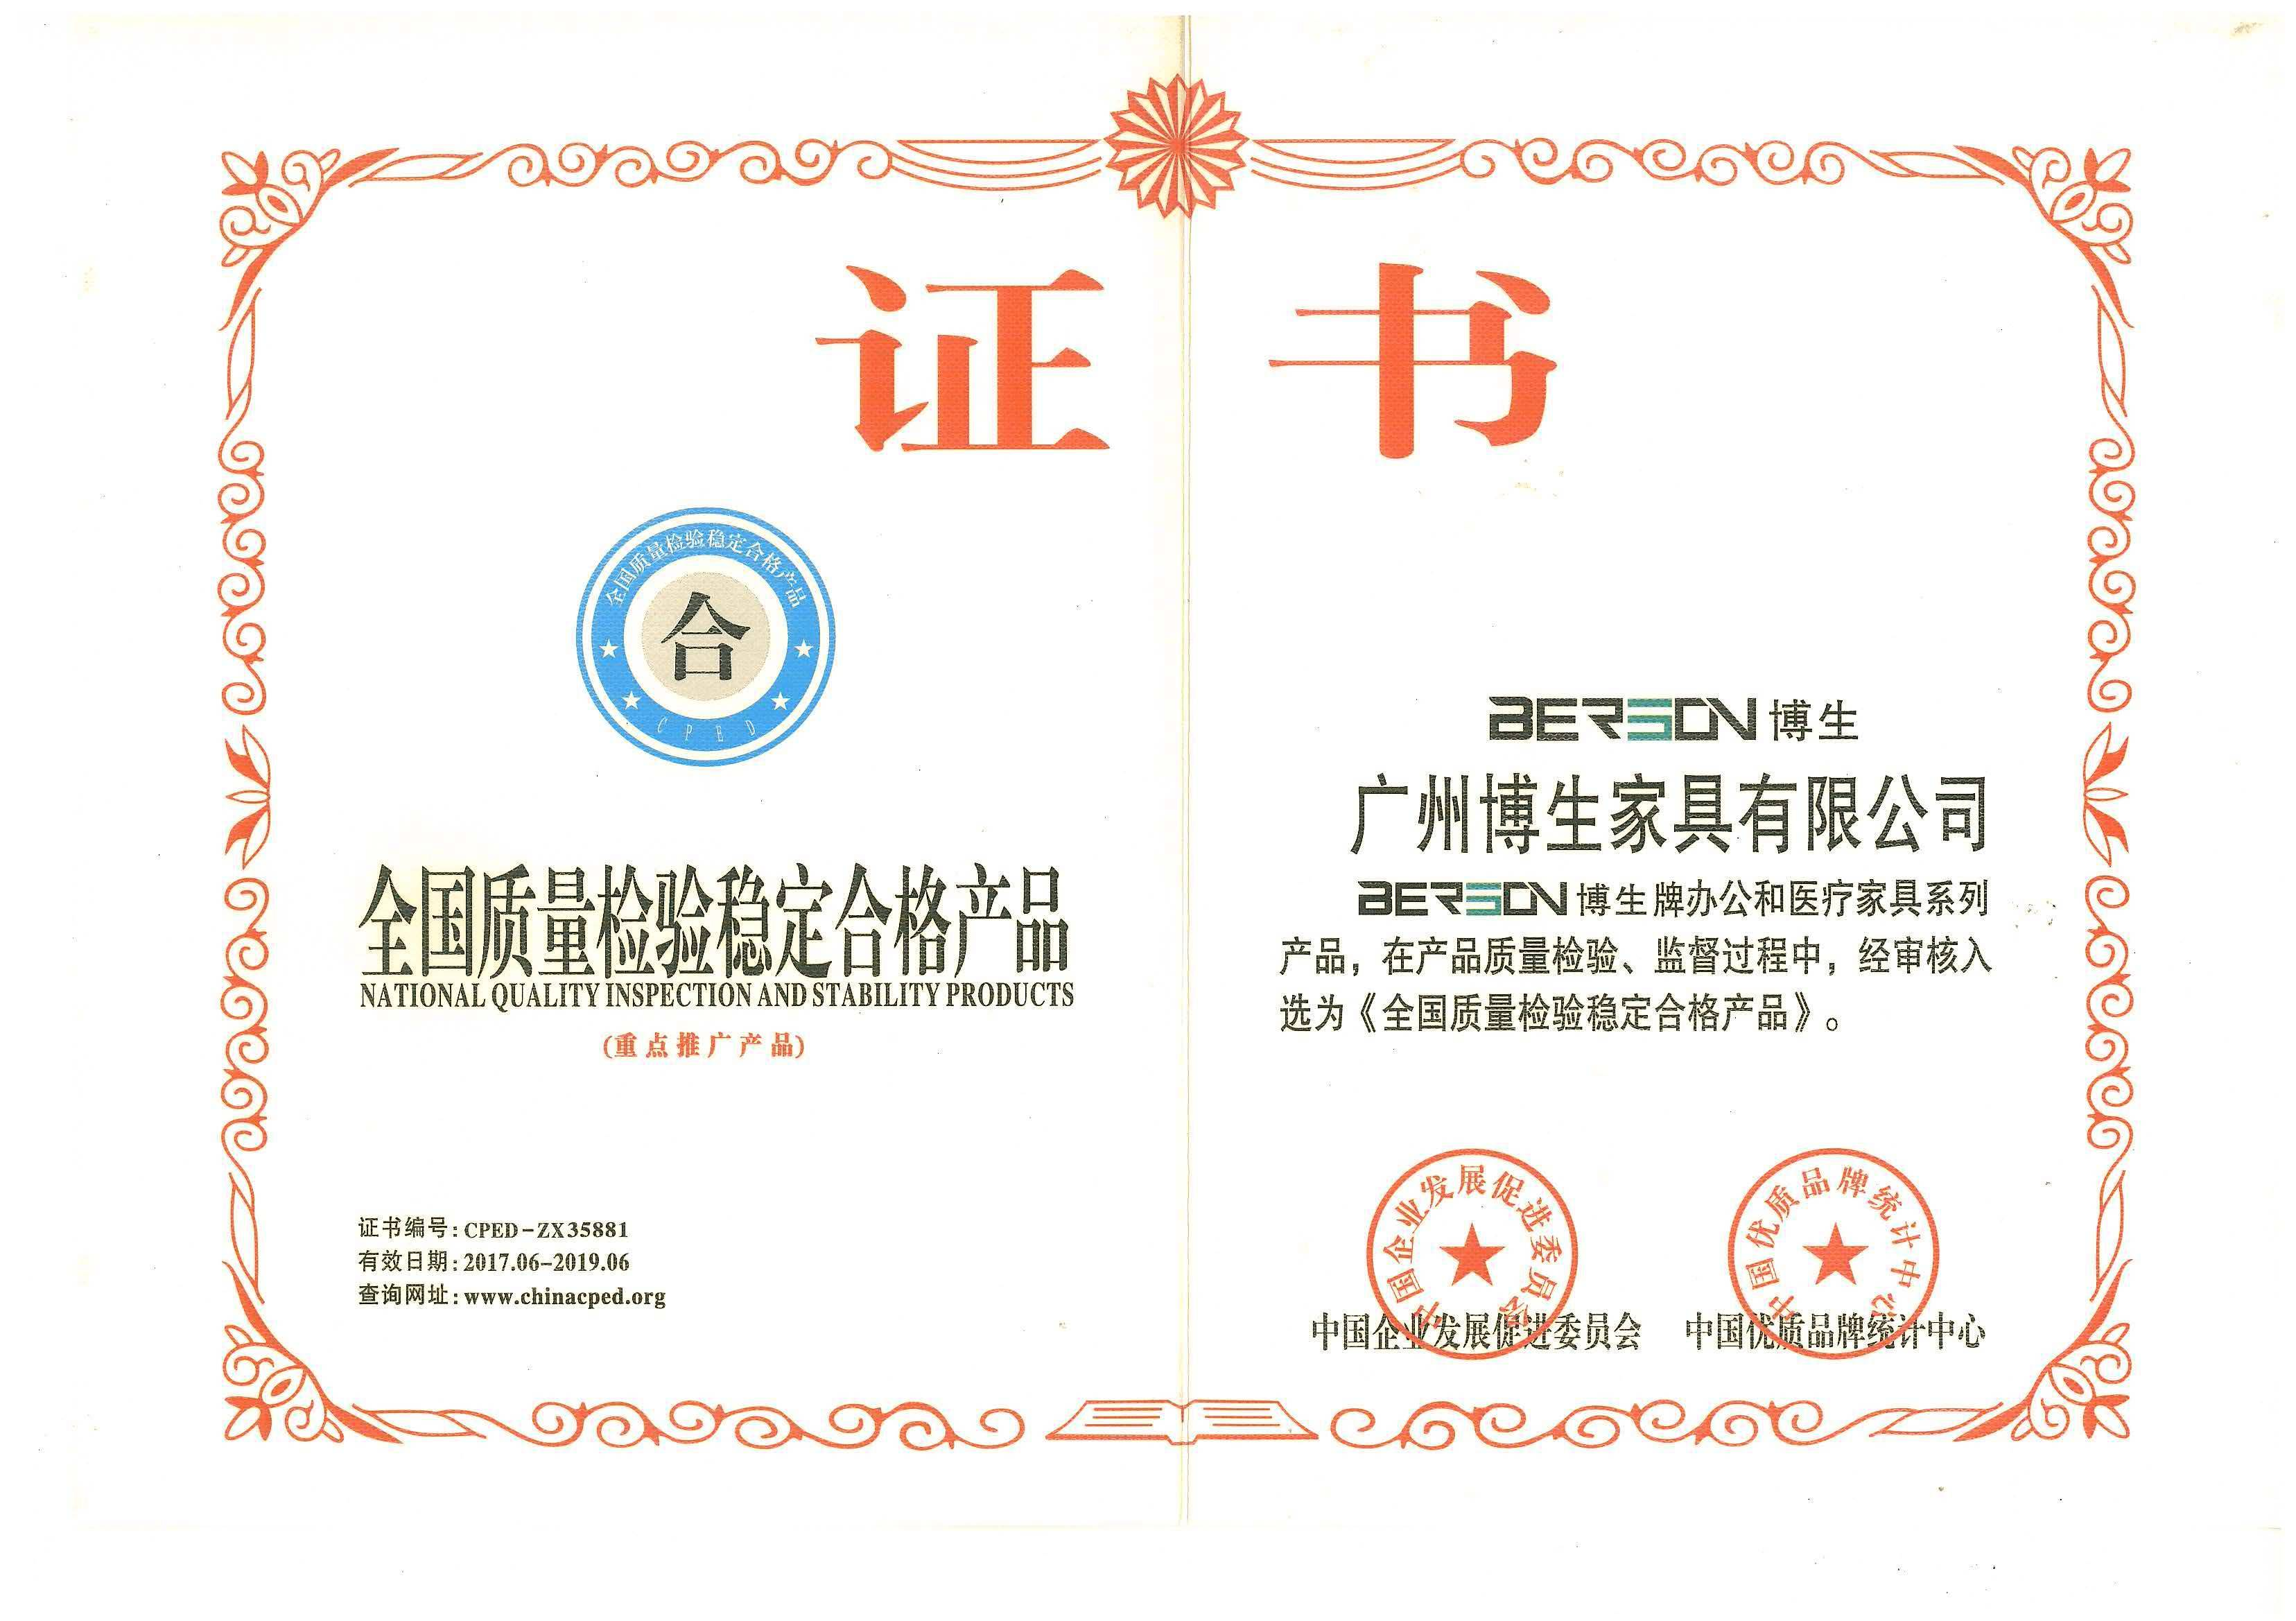 博生家具荣获全国质量检验稳定合格产品